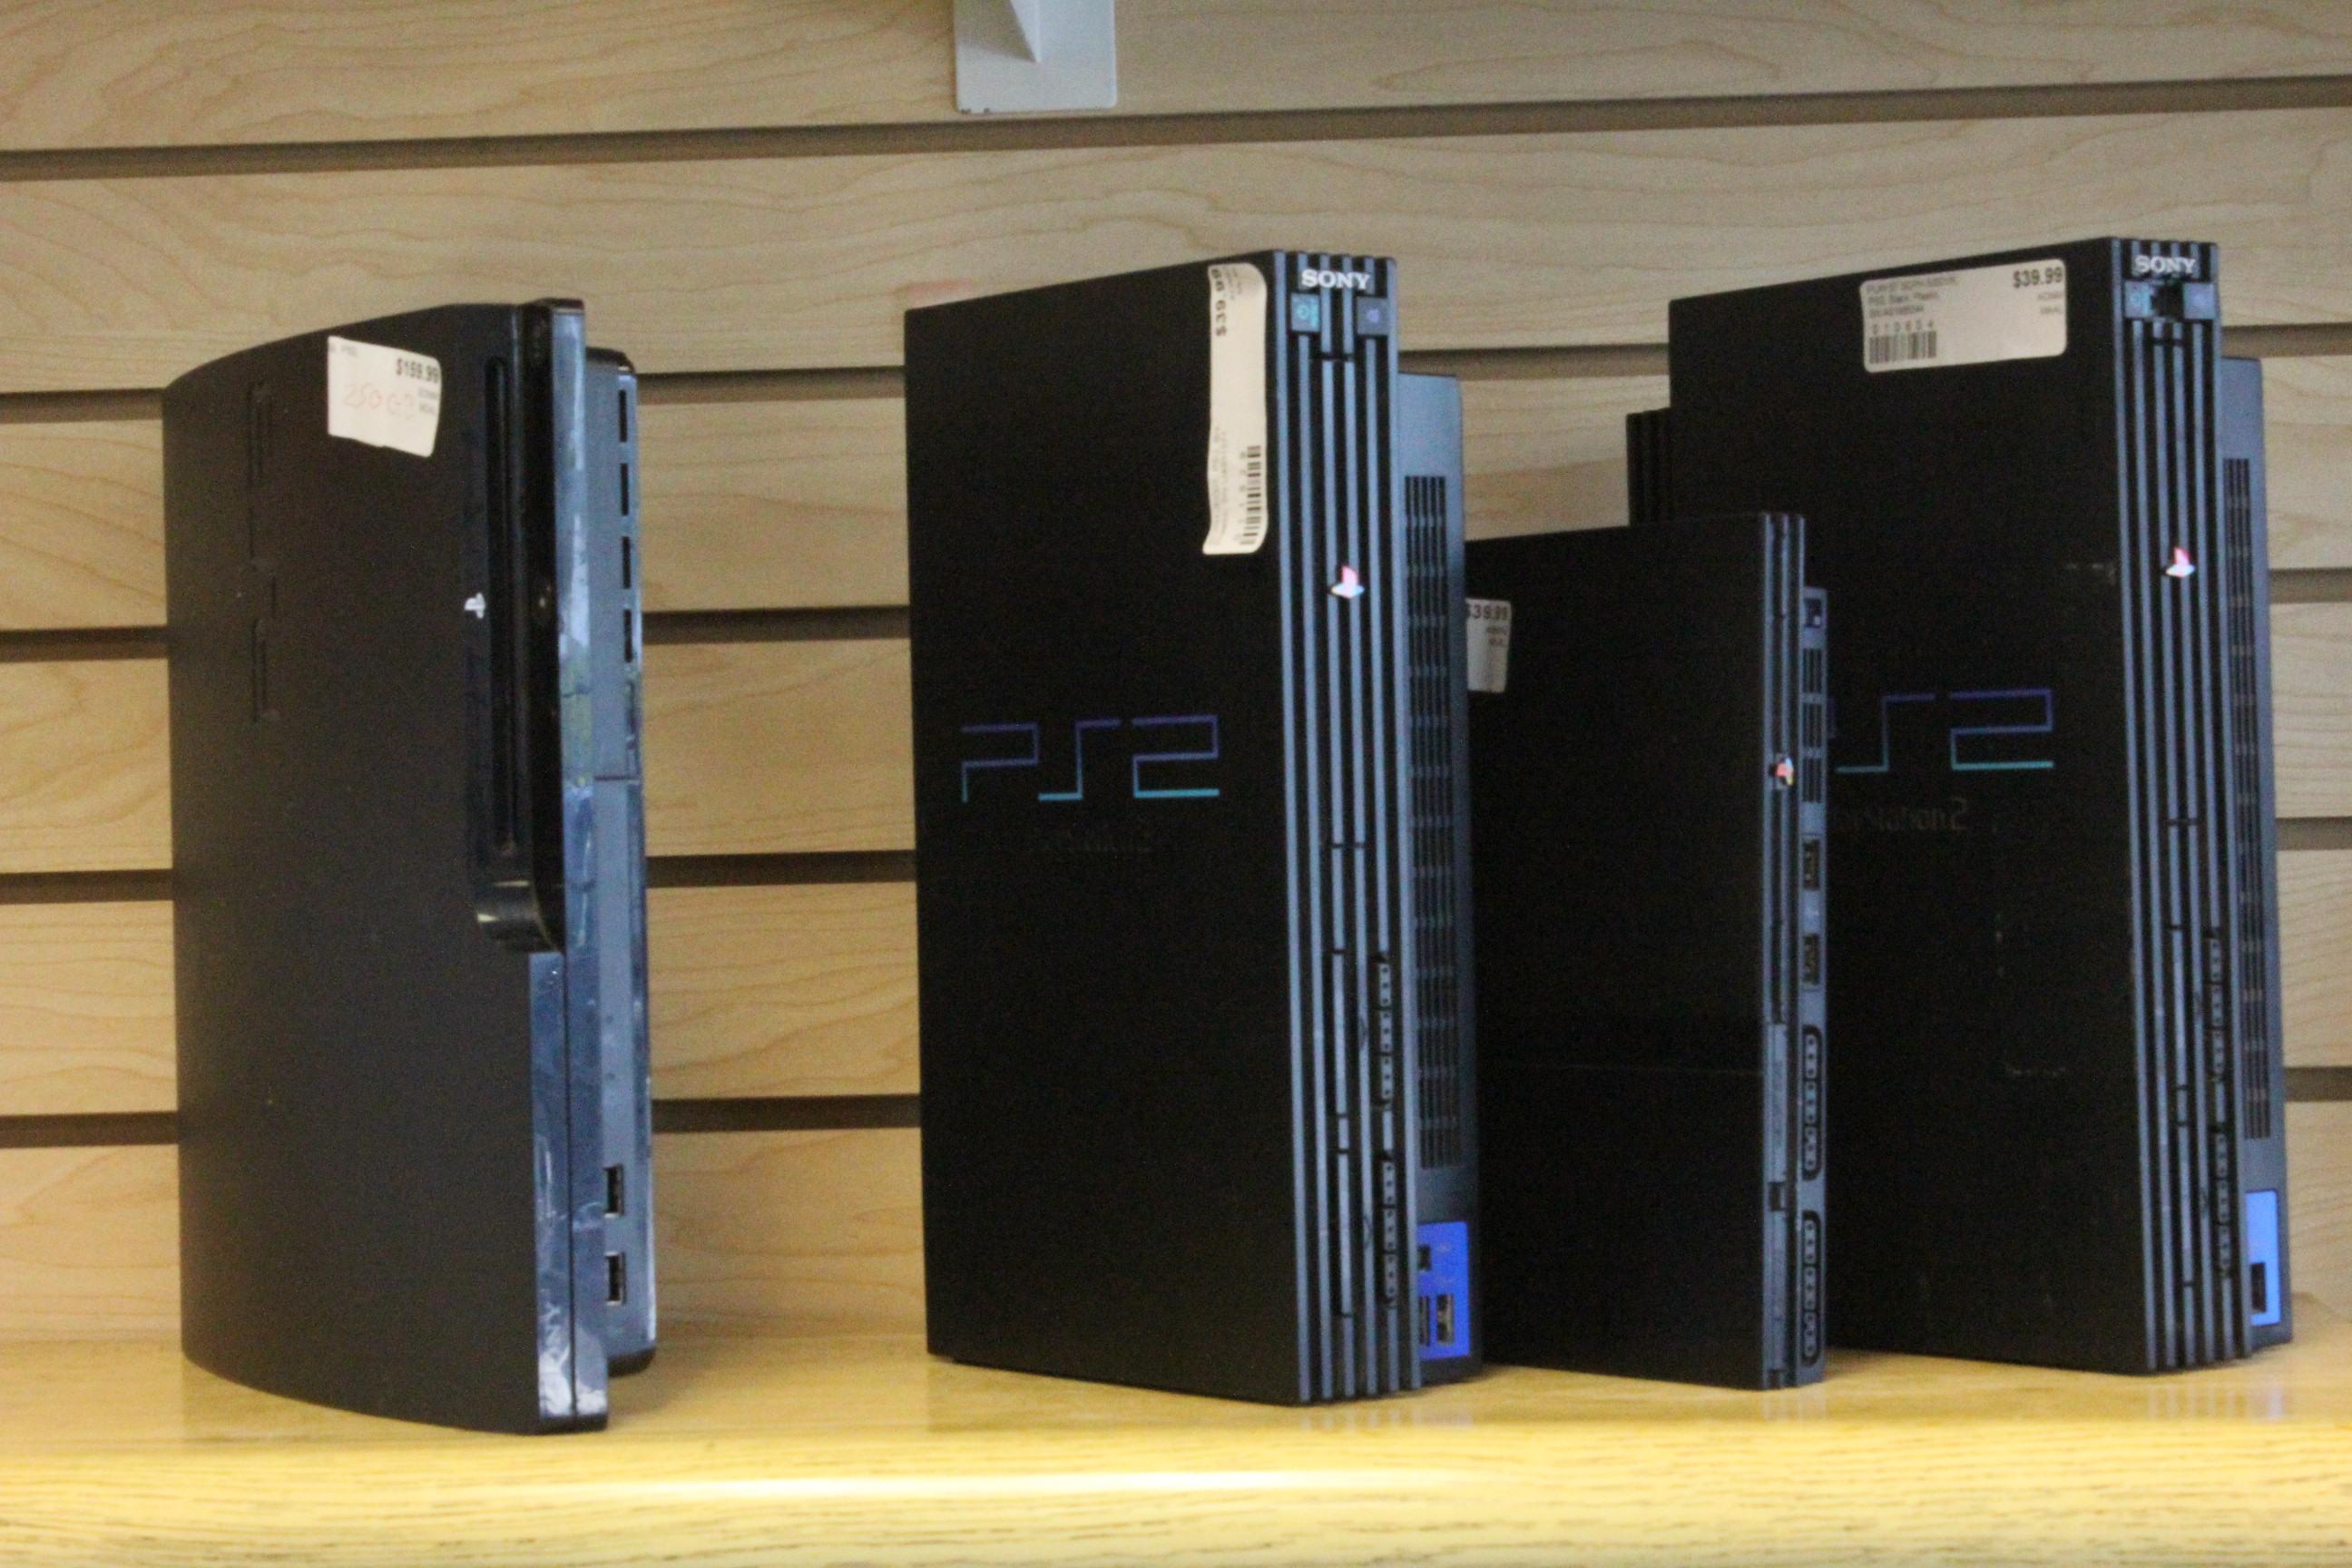 PS3, PS2, & PS4